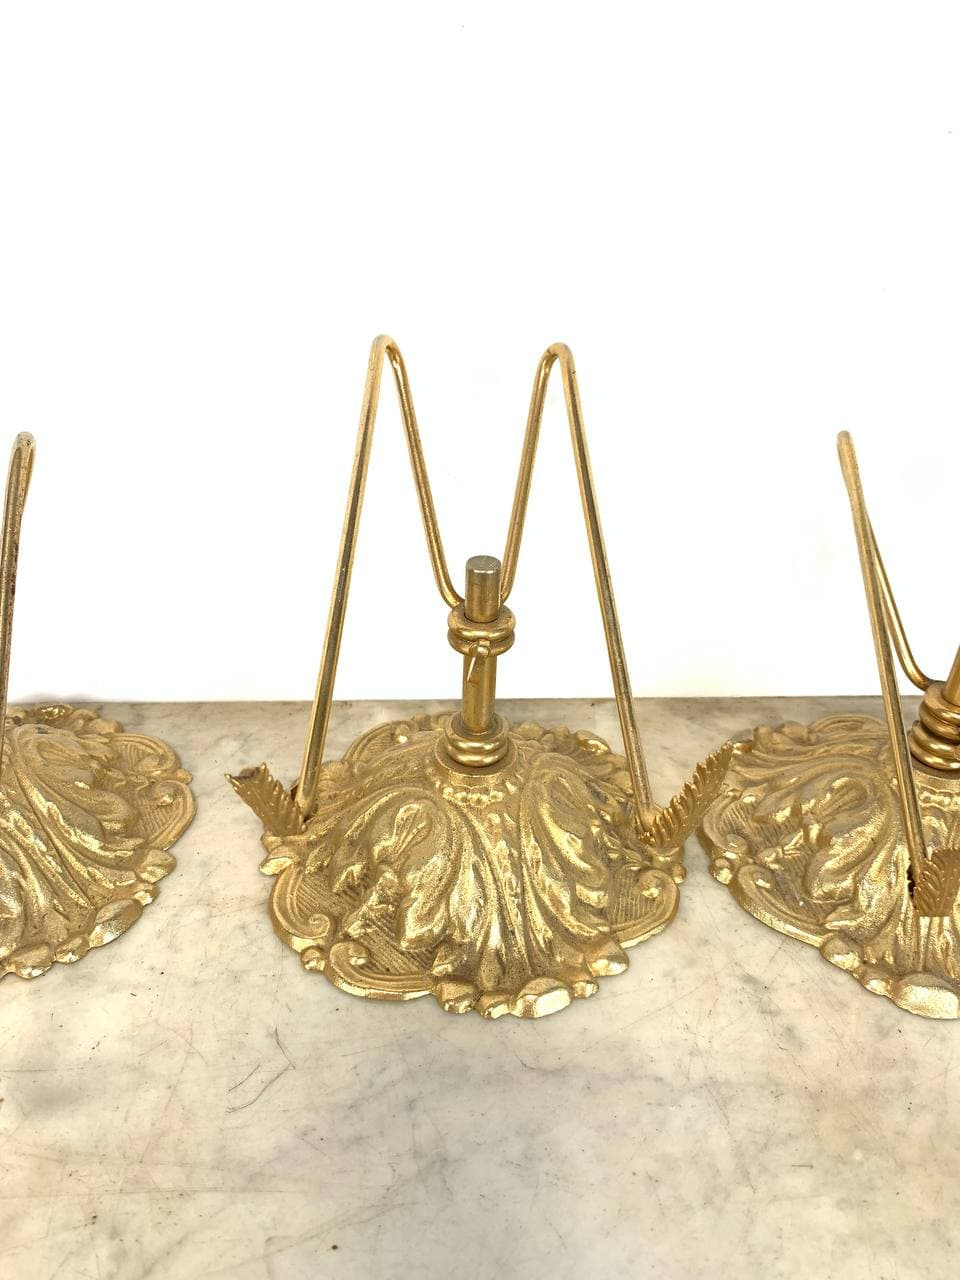 Винтажные подставки-презентуары из бронзы